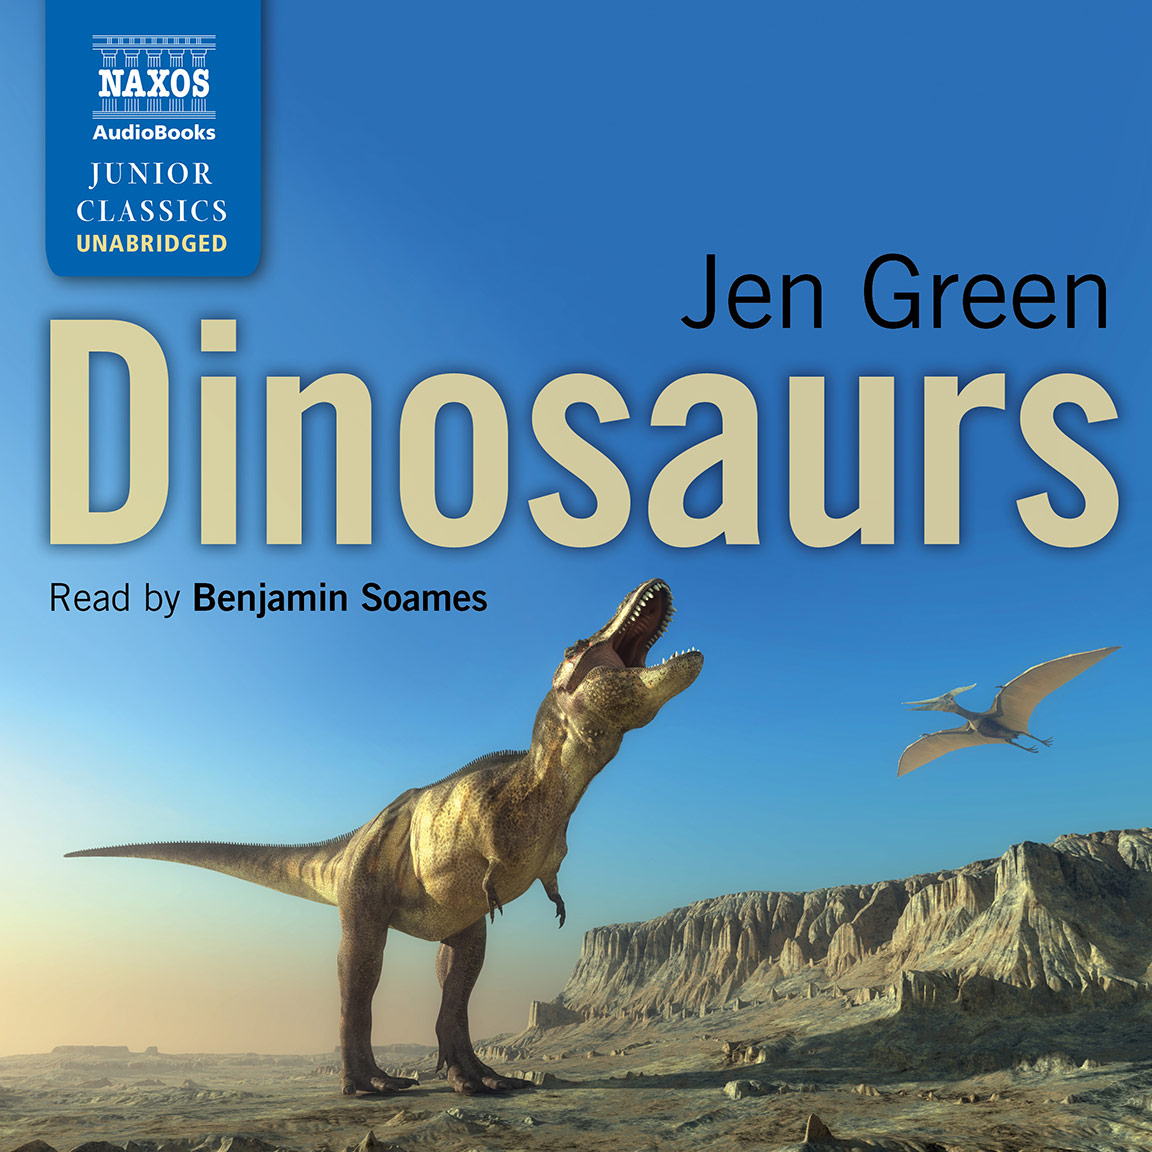 Dinosaurs (unabridged)